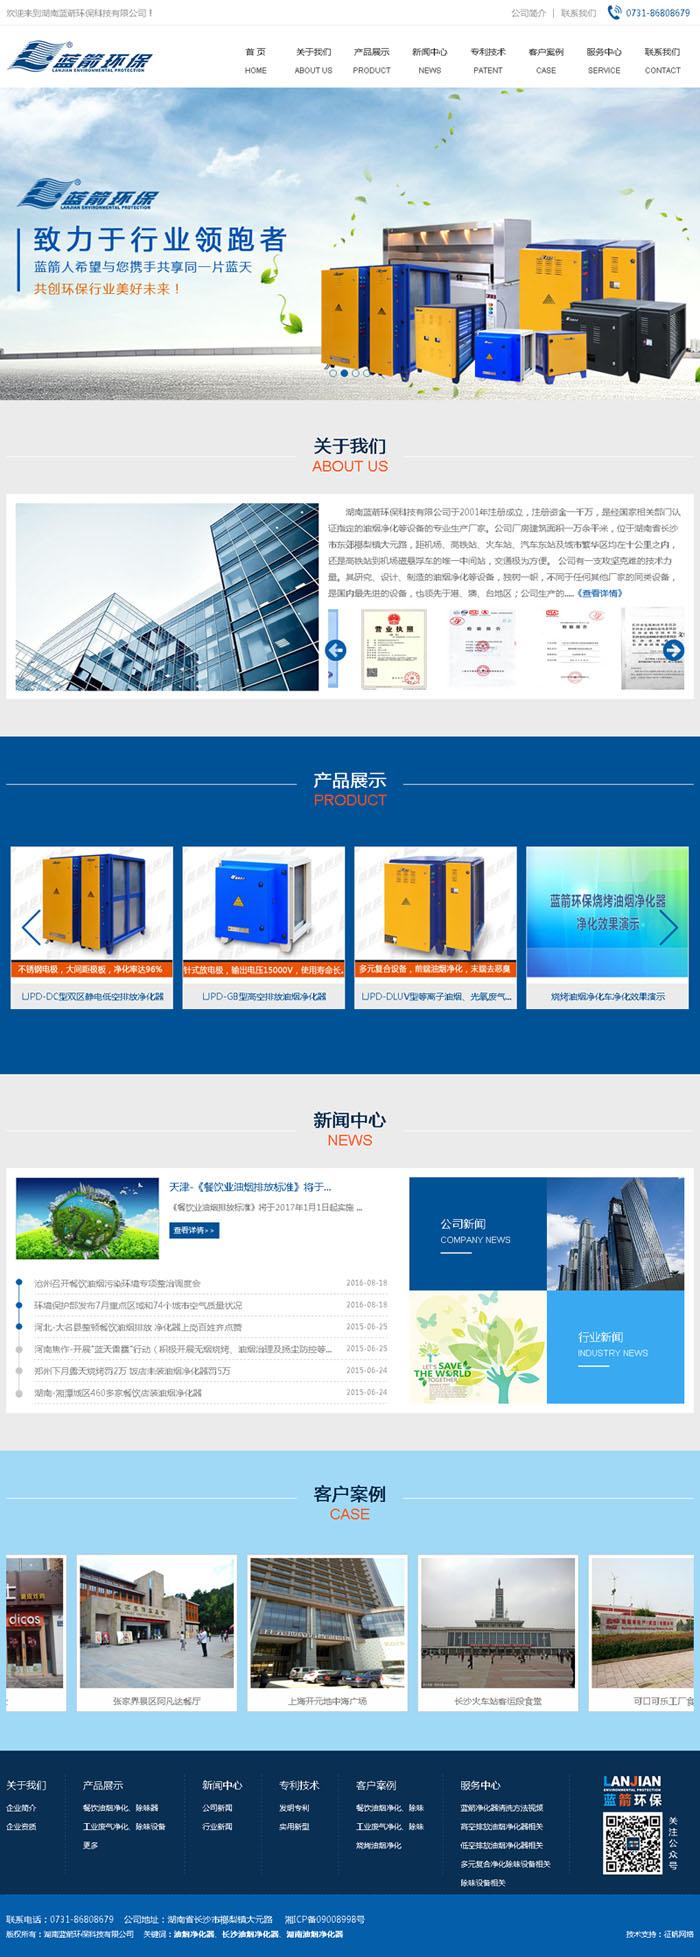 湖南蓝箭环保科技有限公司网站效果图